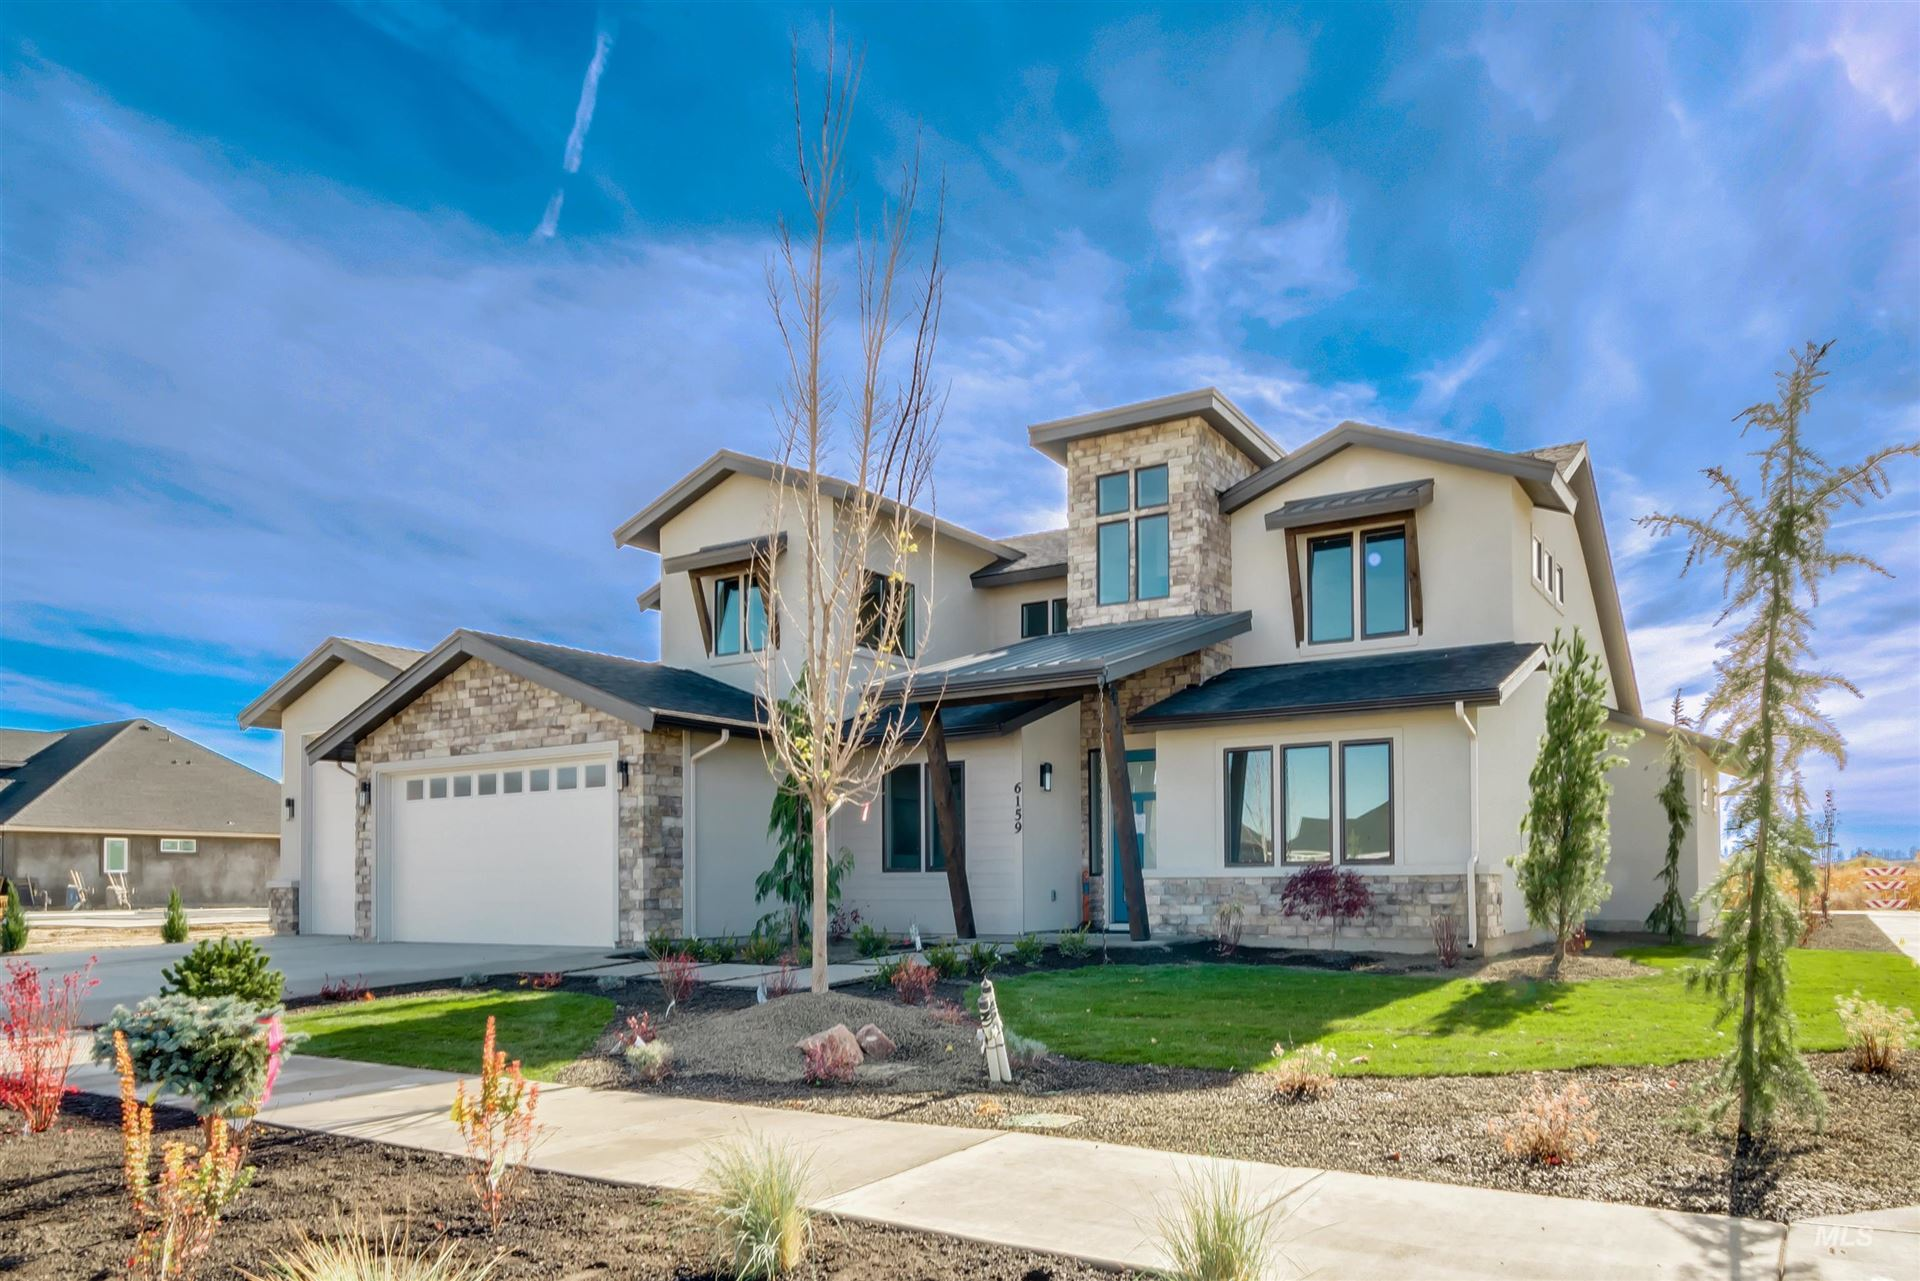 4848 N Eyrie Way, Boise, ID 83703 - MLS#: 98816963